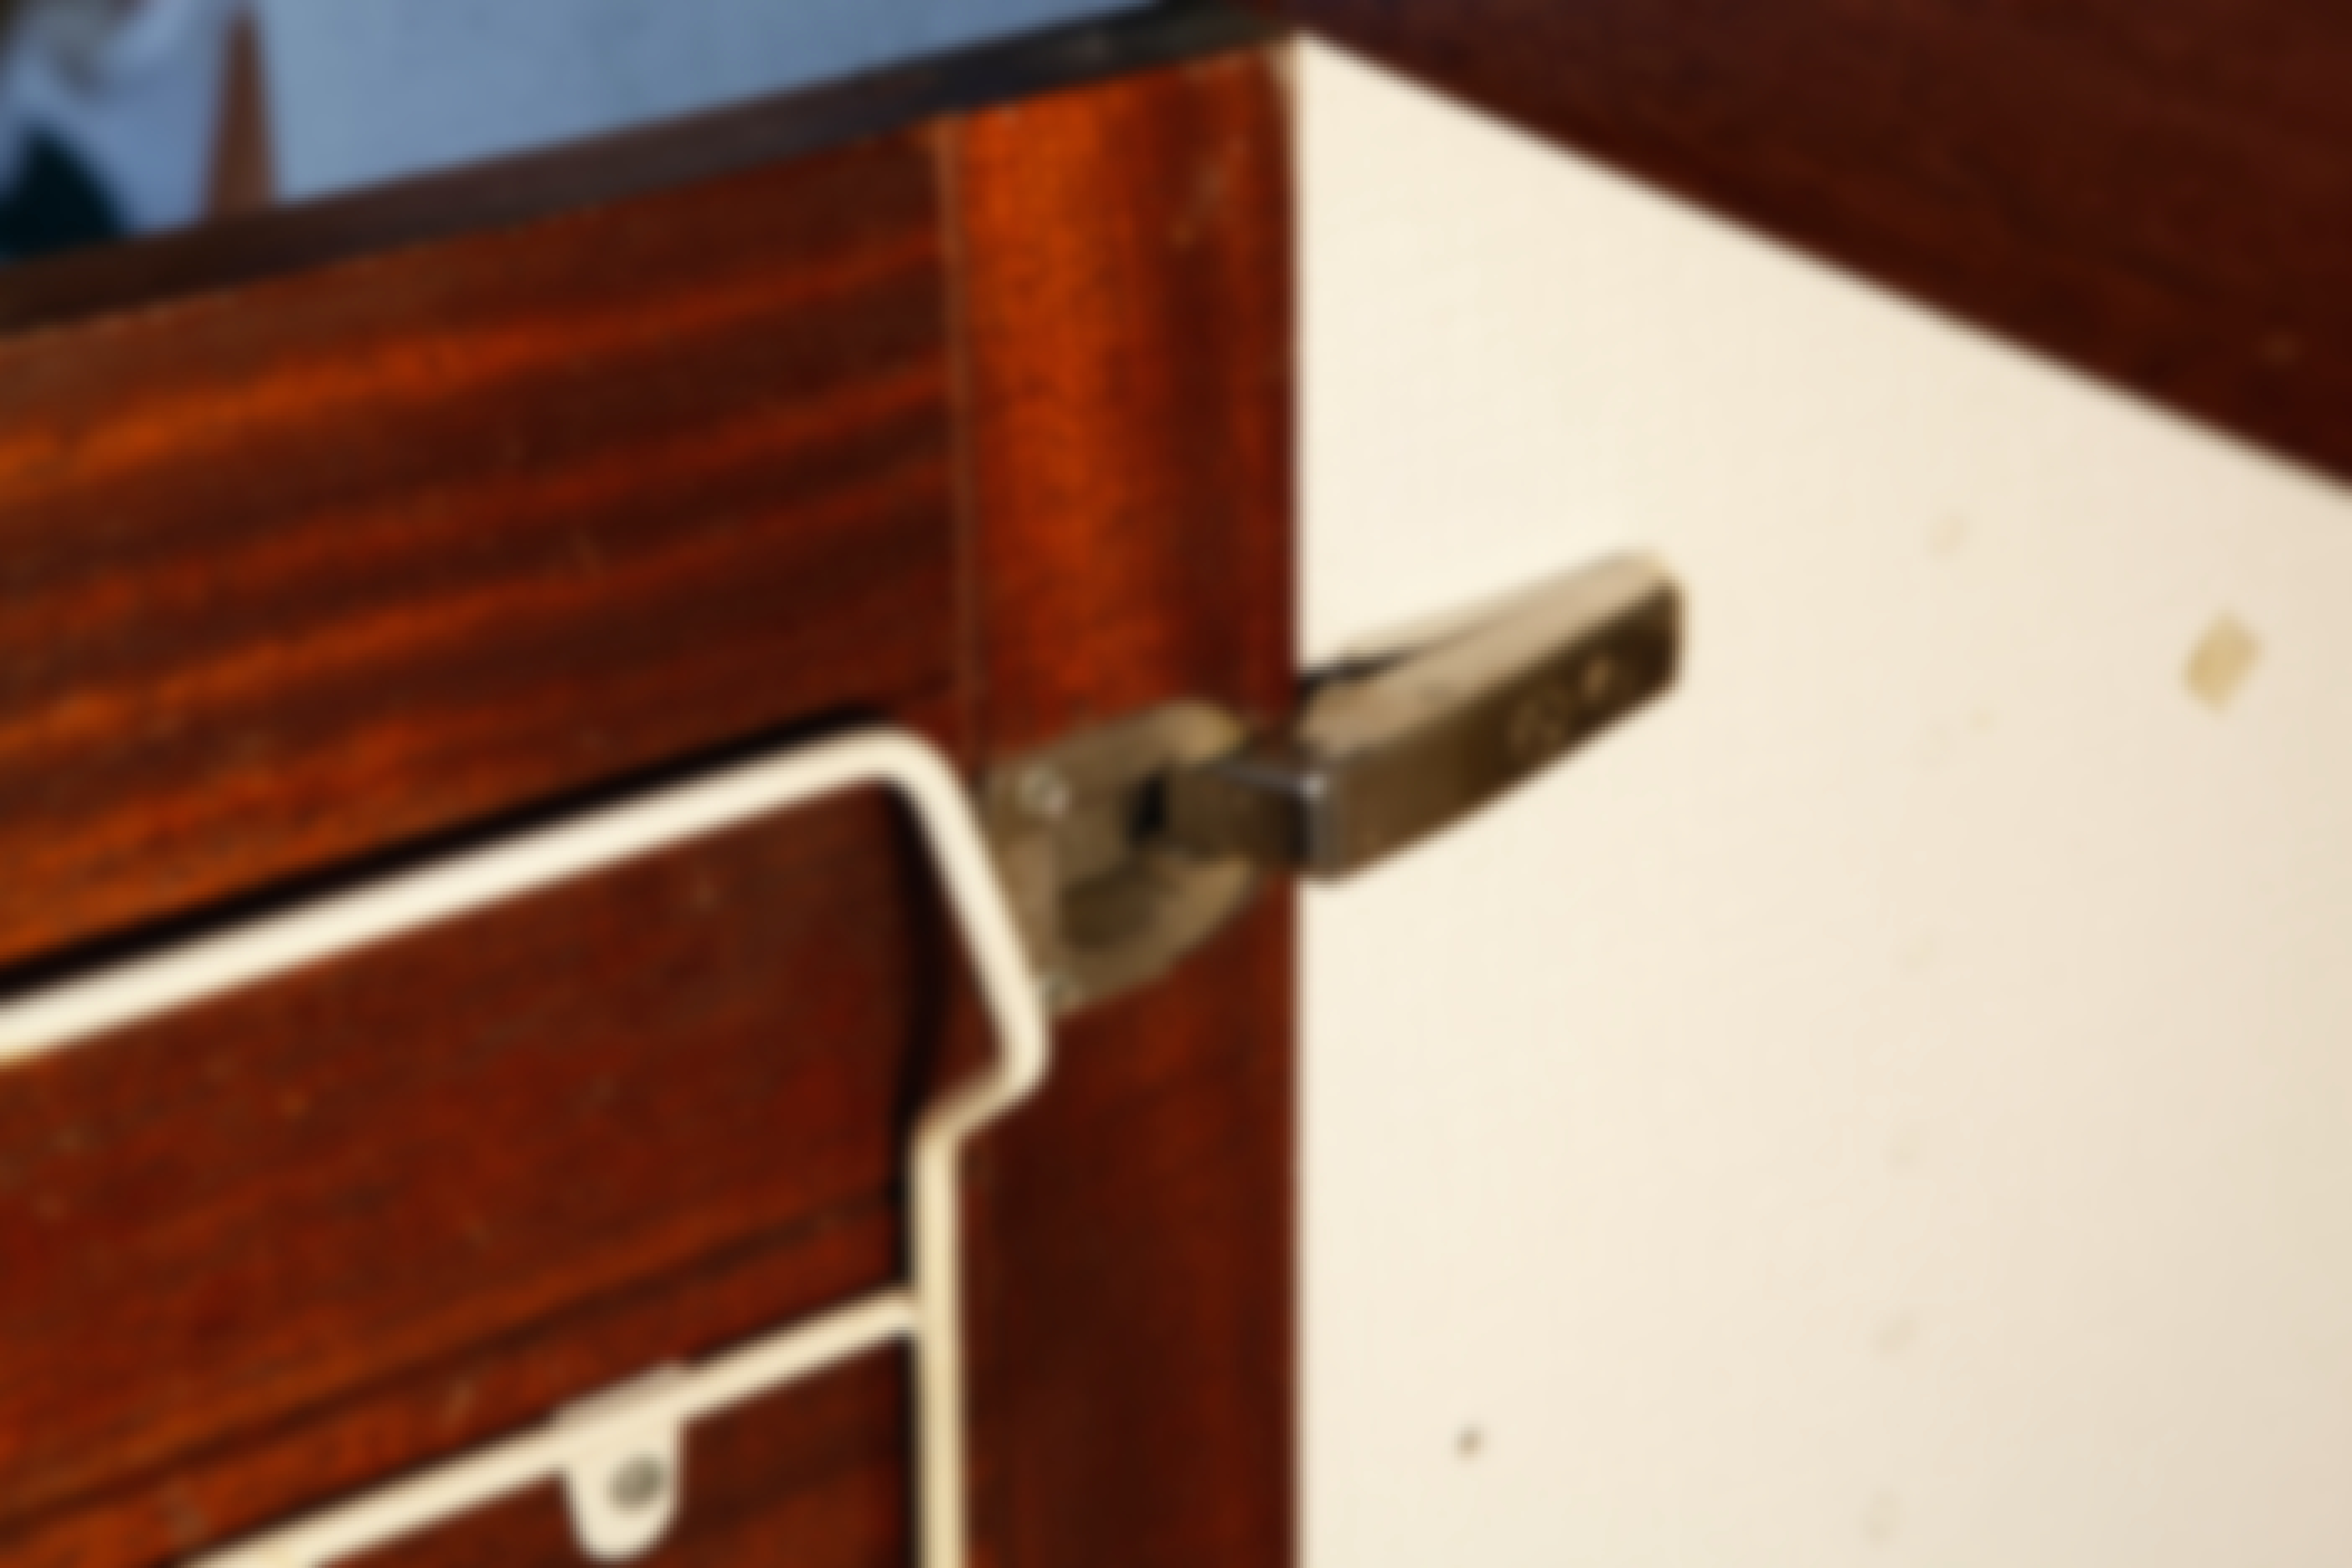 Hvordan retter jeg gamle køkkenlåger?